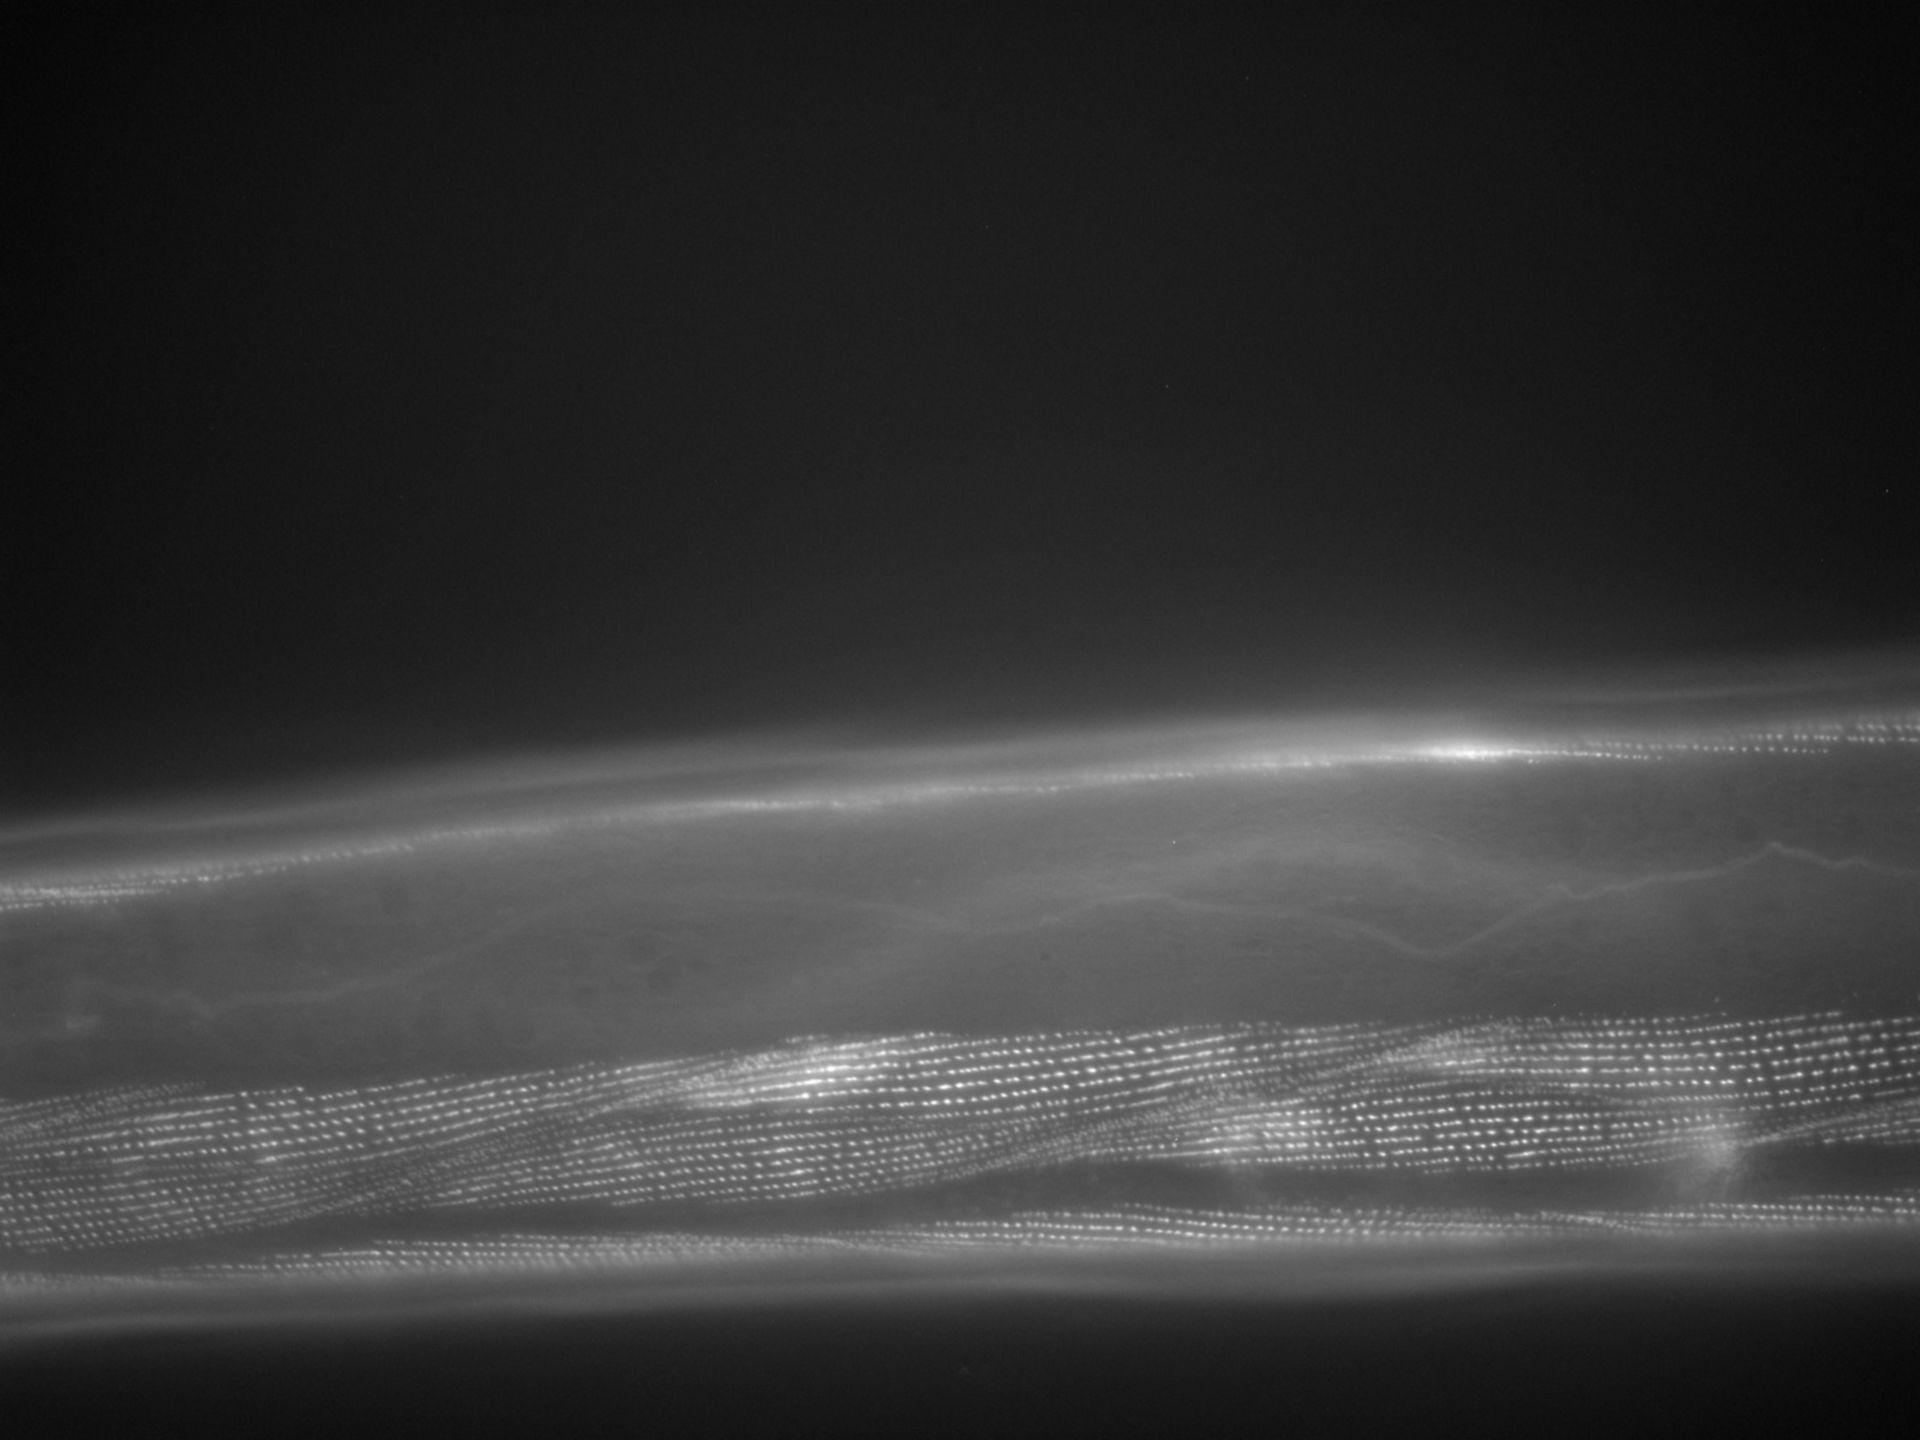 Caenorhabditis elegans (Actin filament) - CIL:1008